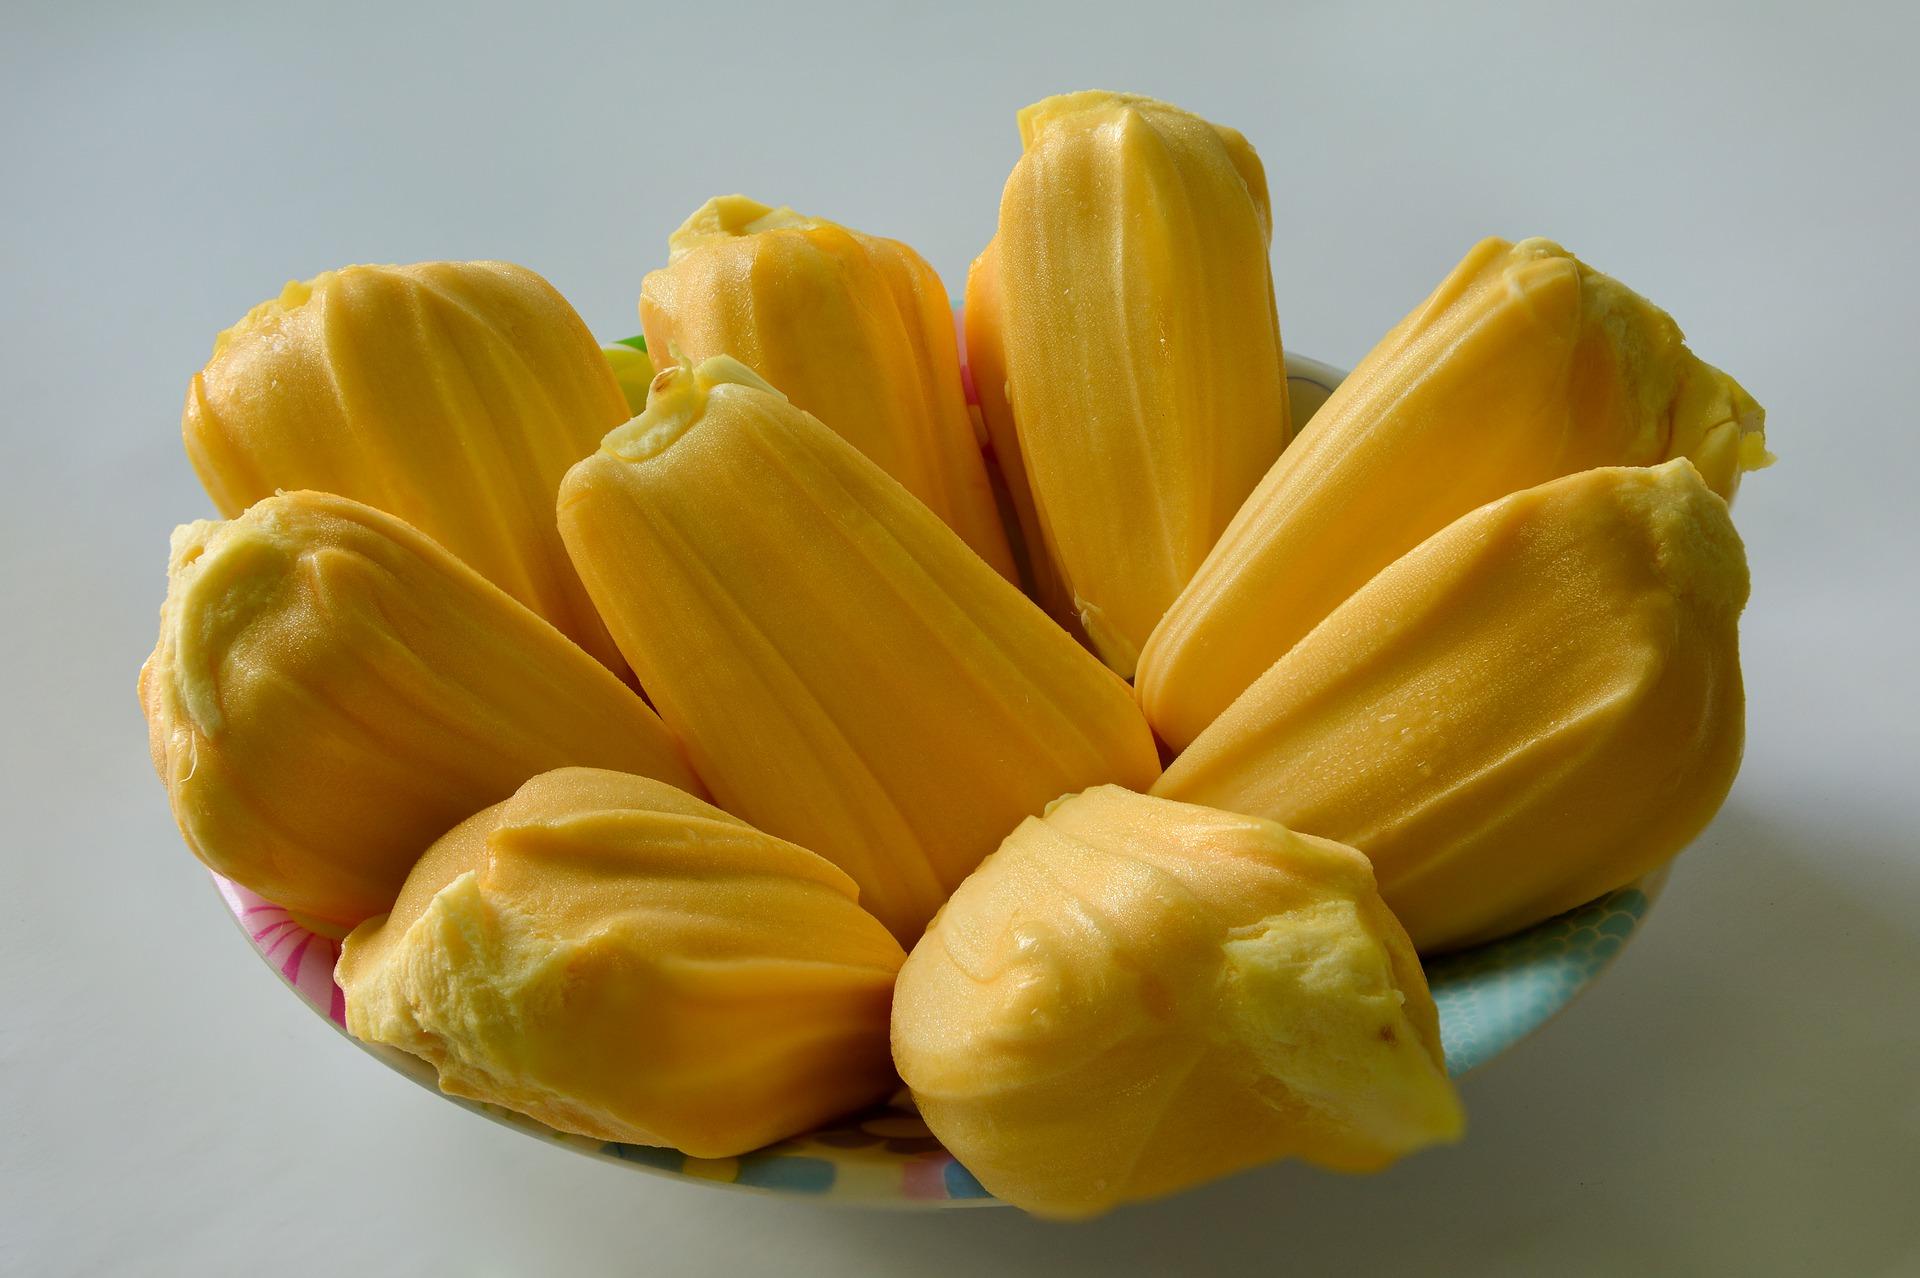 Top 10 superfoods - Jackfruit